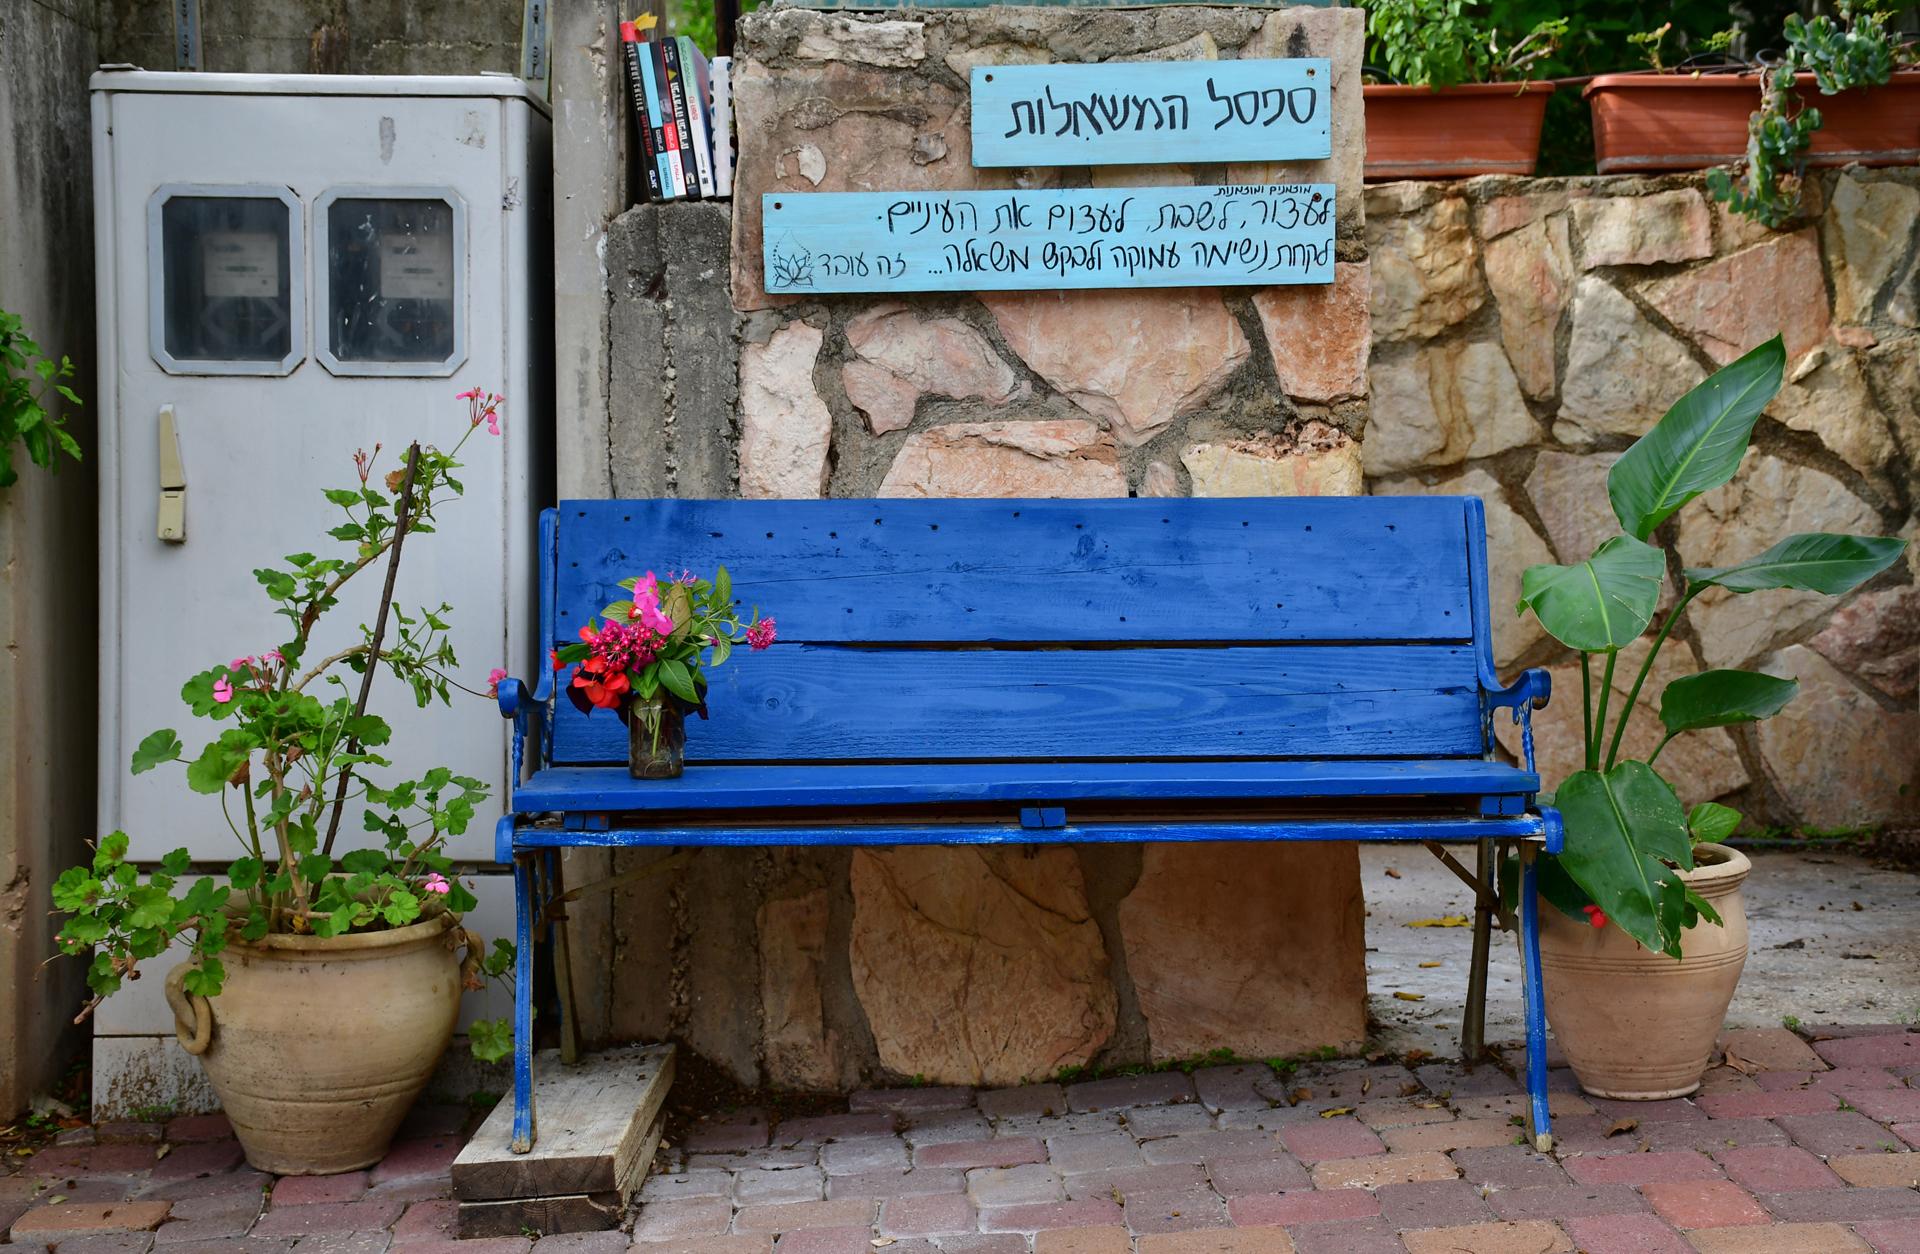 ספסל המשאלות - משפחת שתרוג - השקמה 79 לפיד - יואל שתרוג - אדמה יוצרת - yoel sitruk